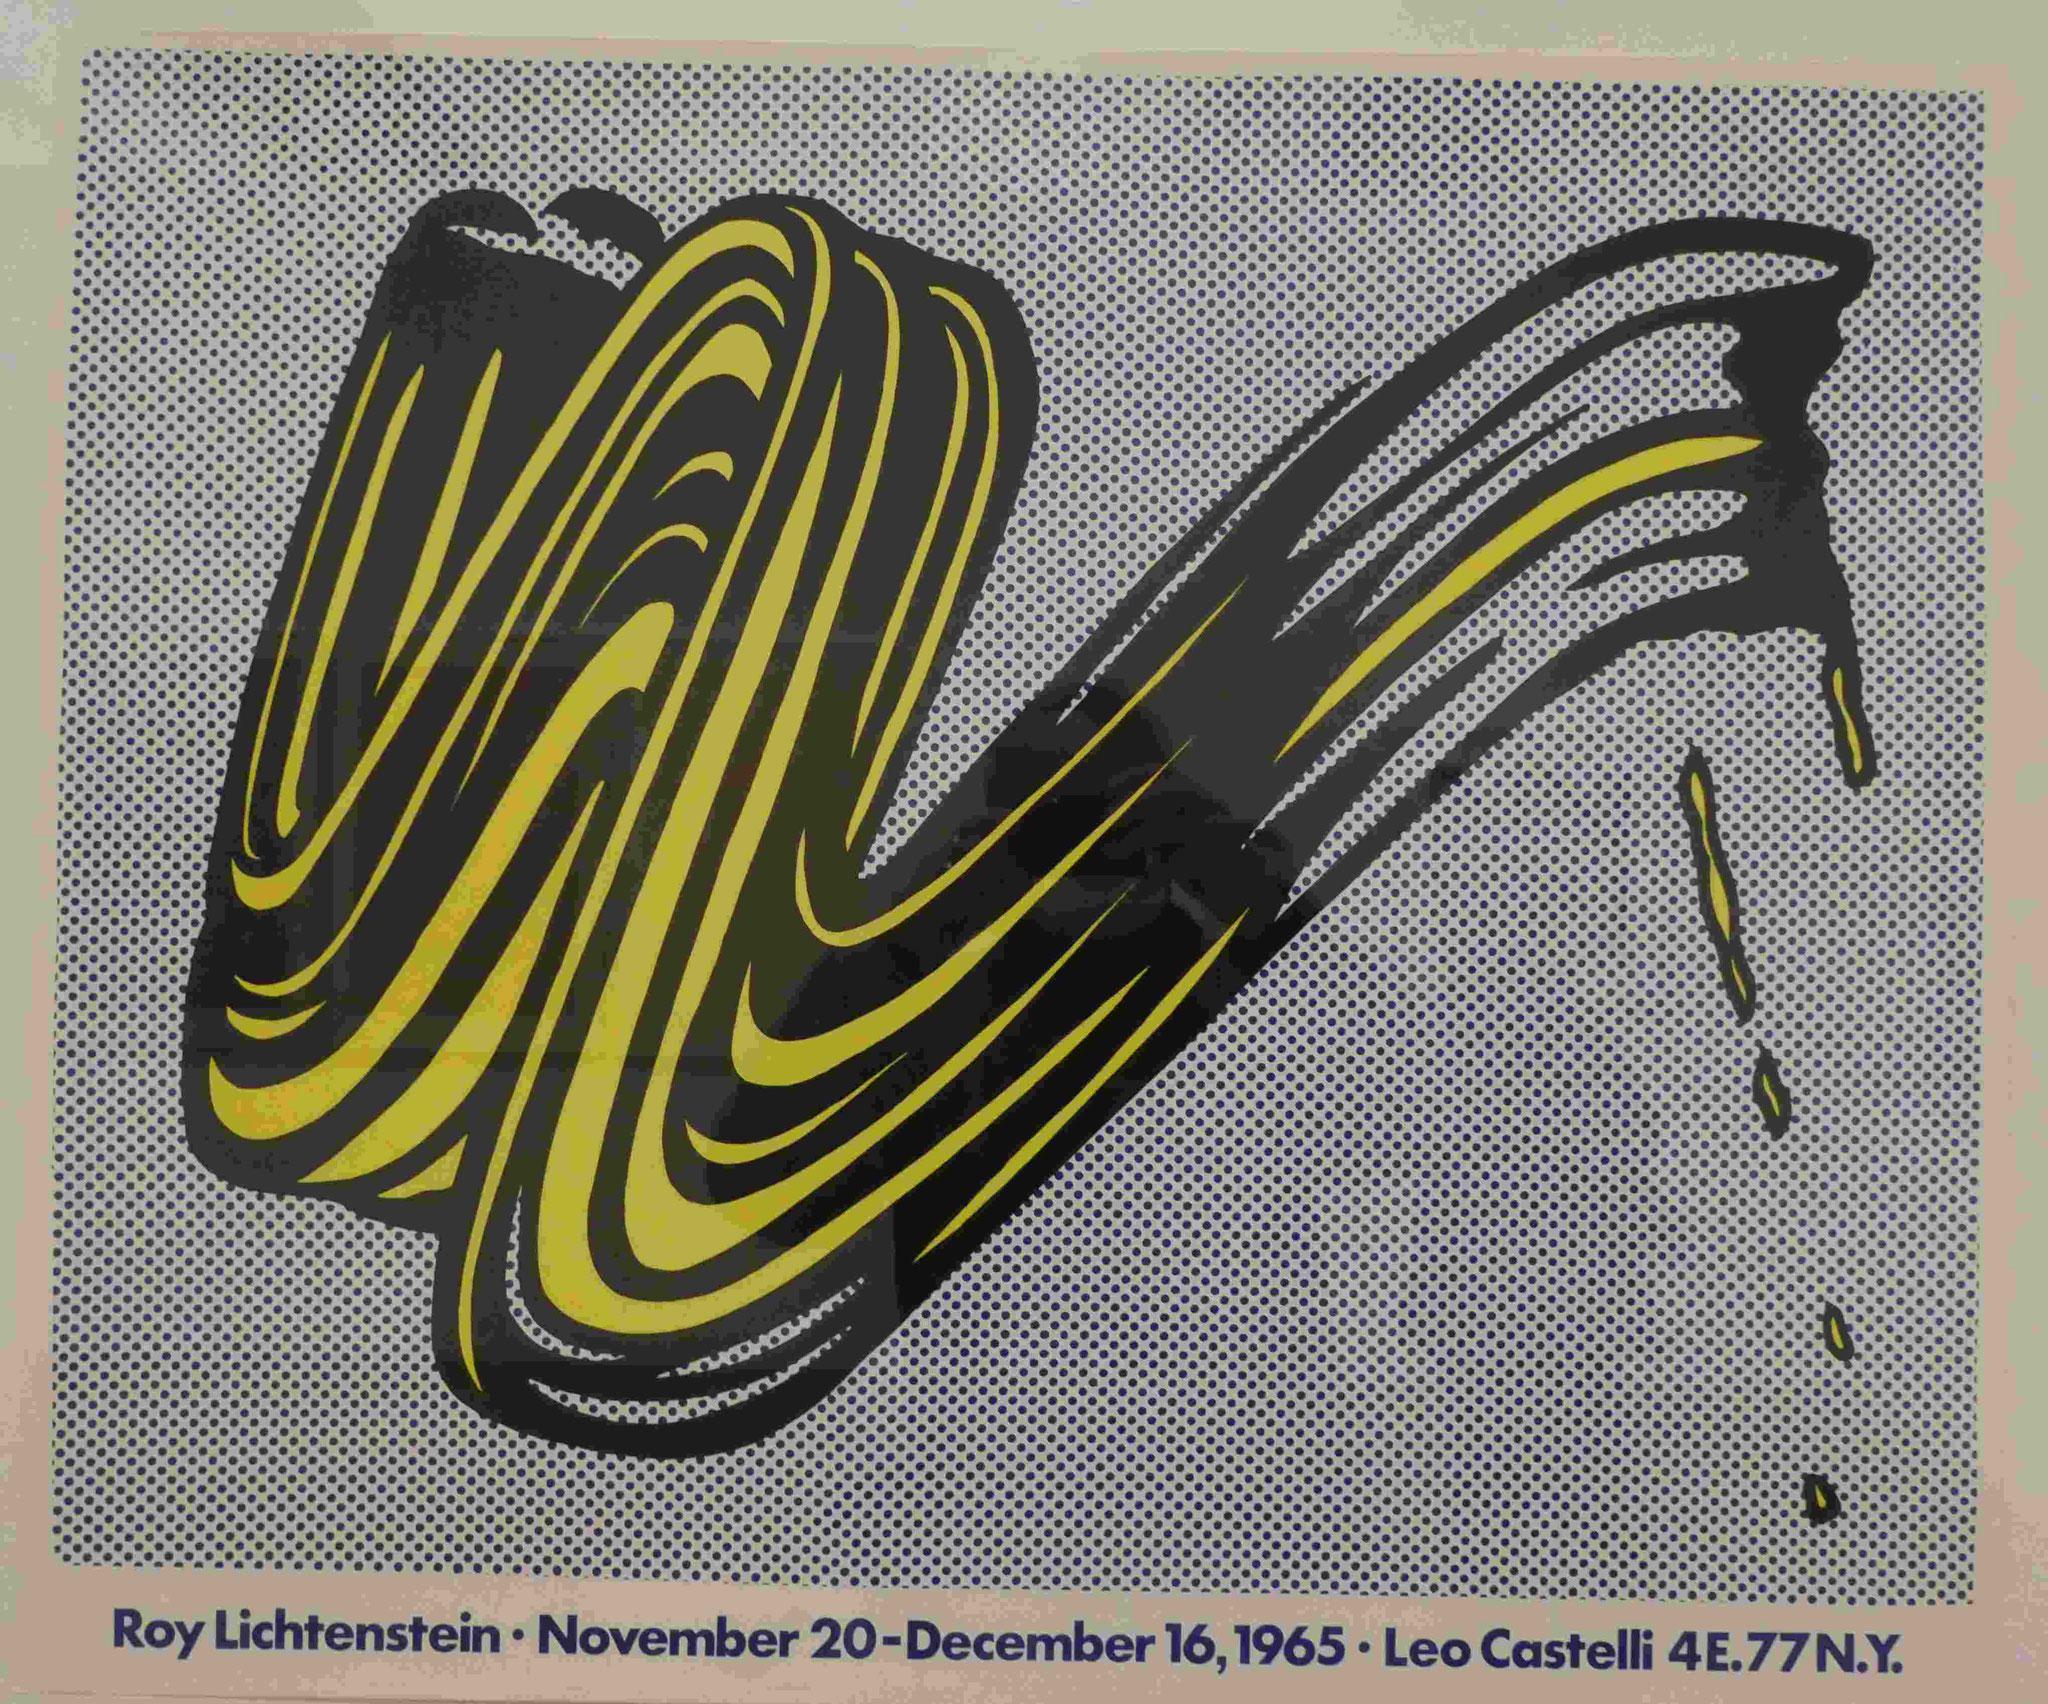 Roy Lichtenstein, Brushstroke, 1965, Siebdruck, Nationalgalerie Berlin